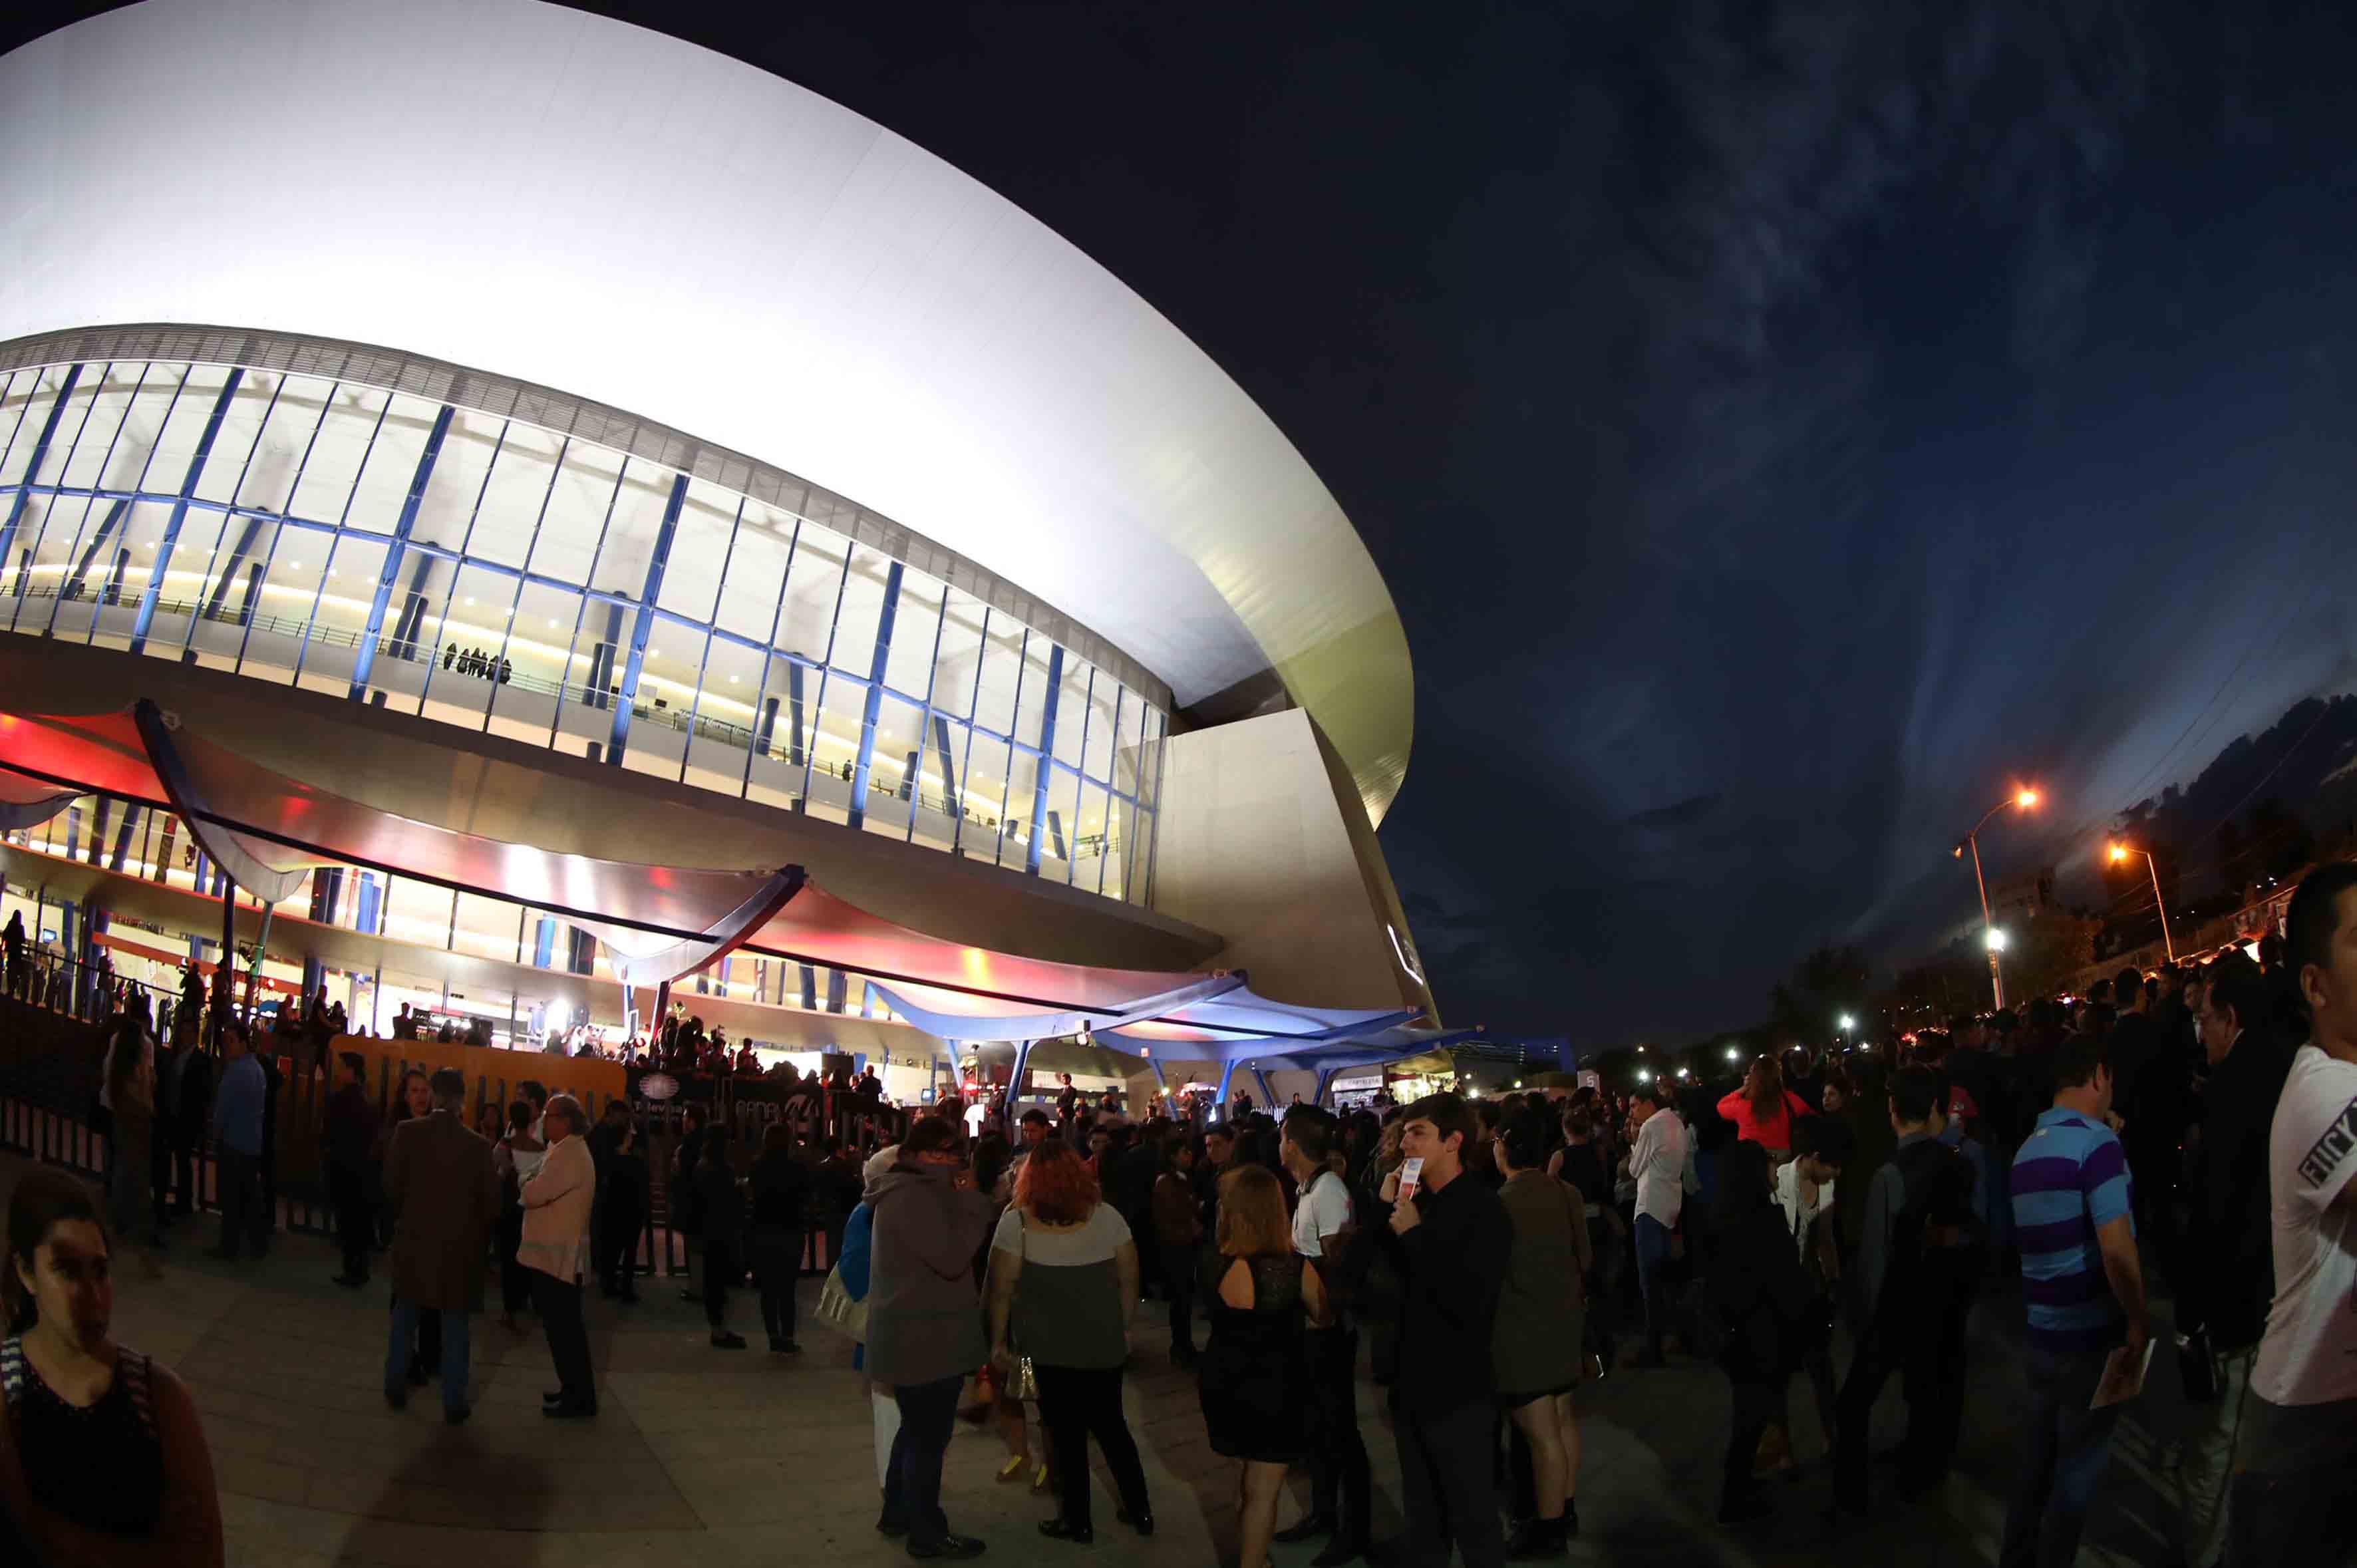 Fachada del Auditorio Telmex, durante la inauguración del Festival Internacional del Cine en Guadalajara, en su edición número 32.